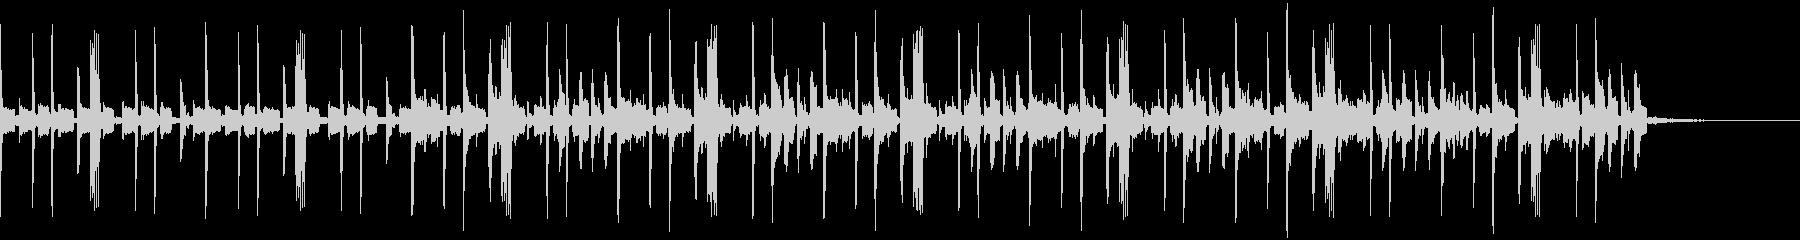 ディープでチルなEDM ヴォイス付き の未再生の波形